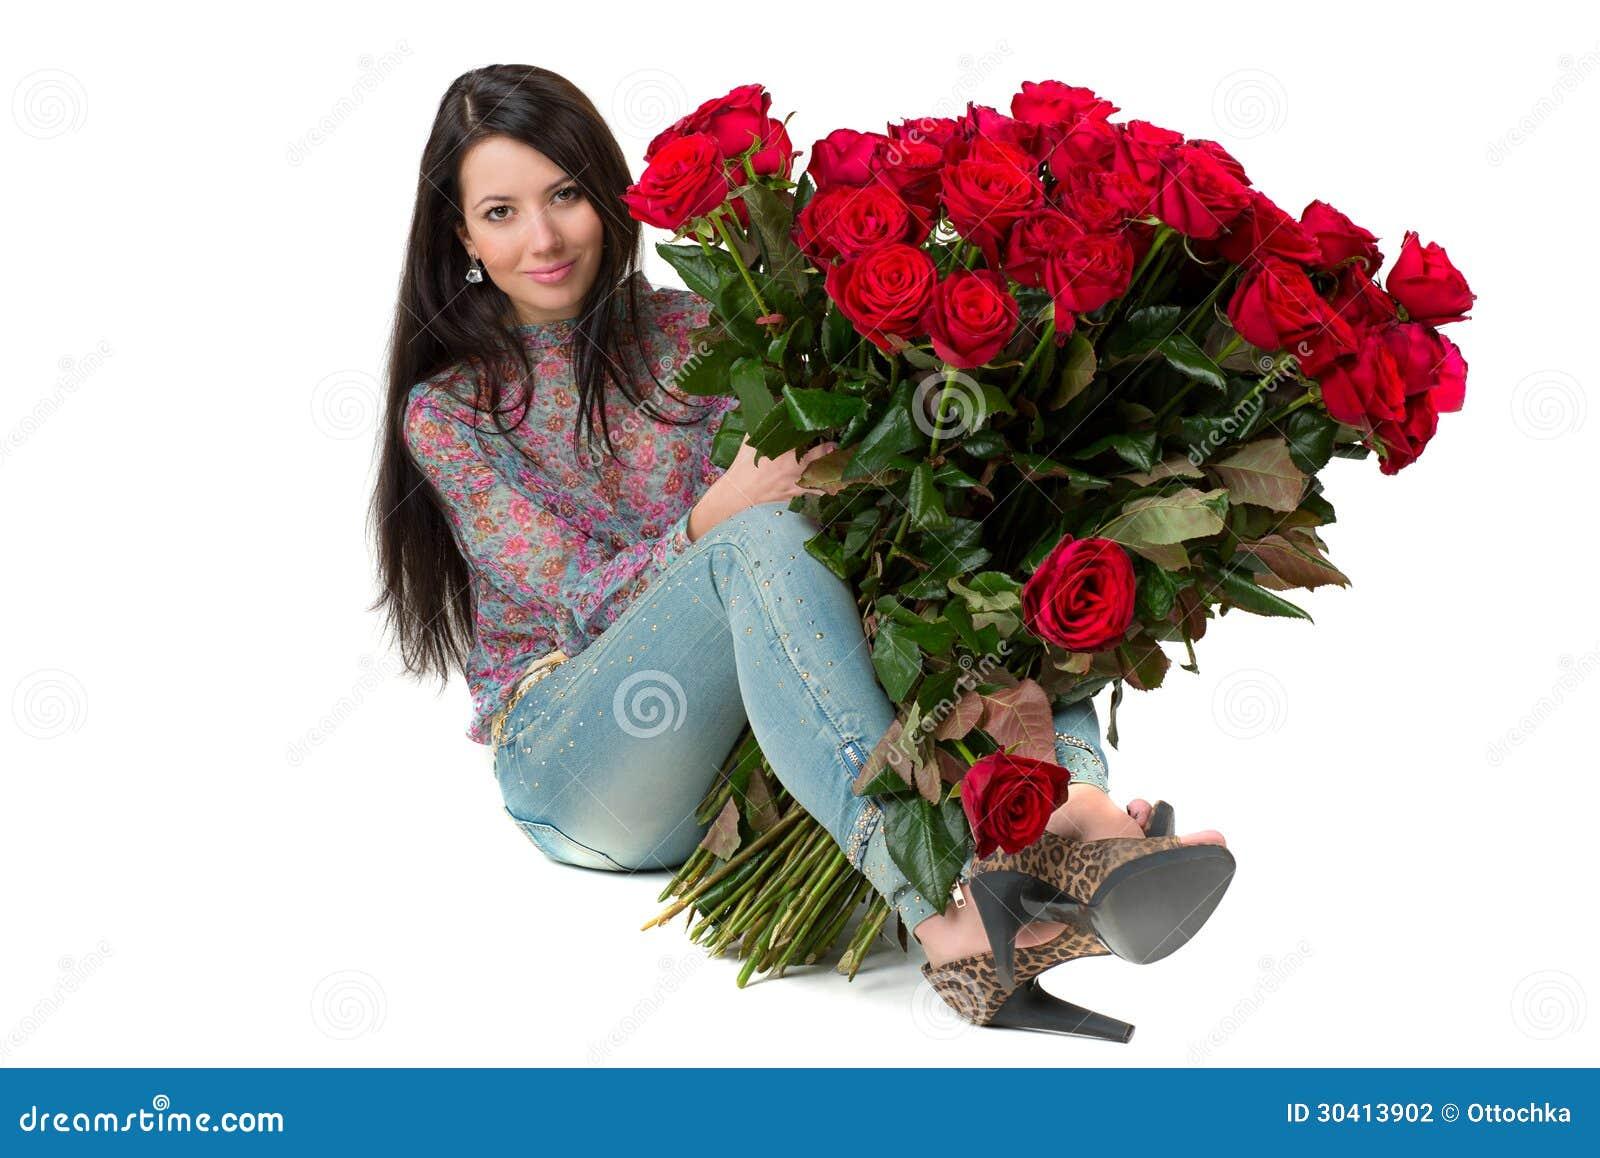 Mujer morena que sostiene un ramo grande de rosas rojas - Ramos de flores grandes ...